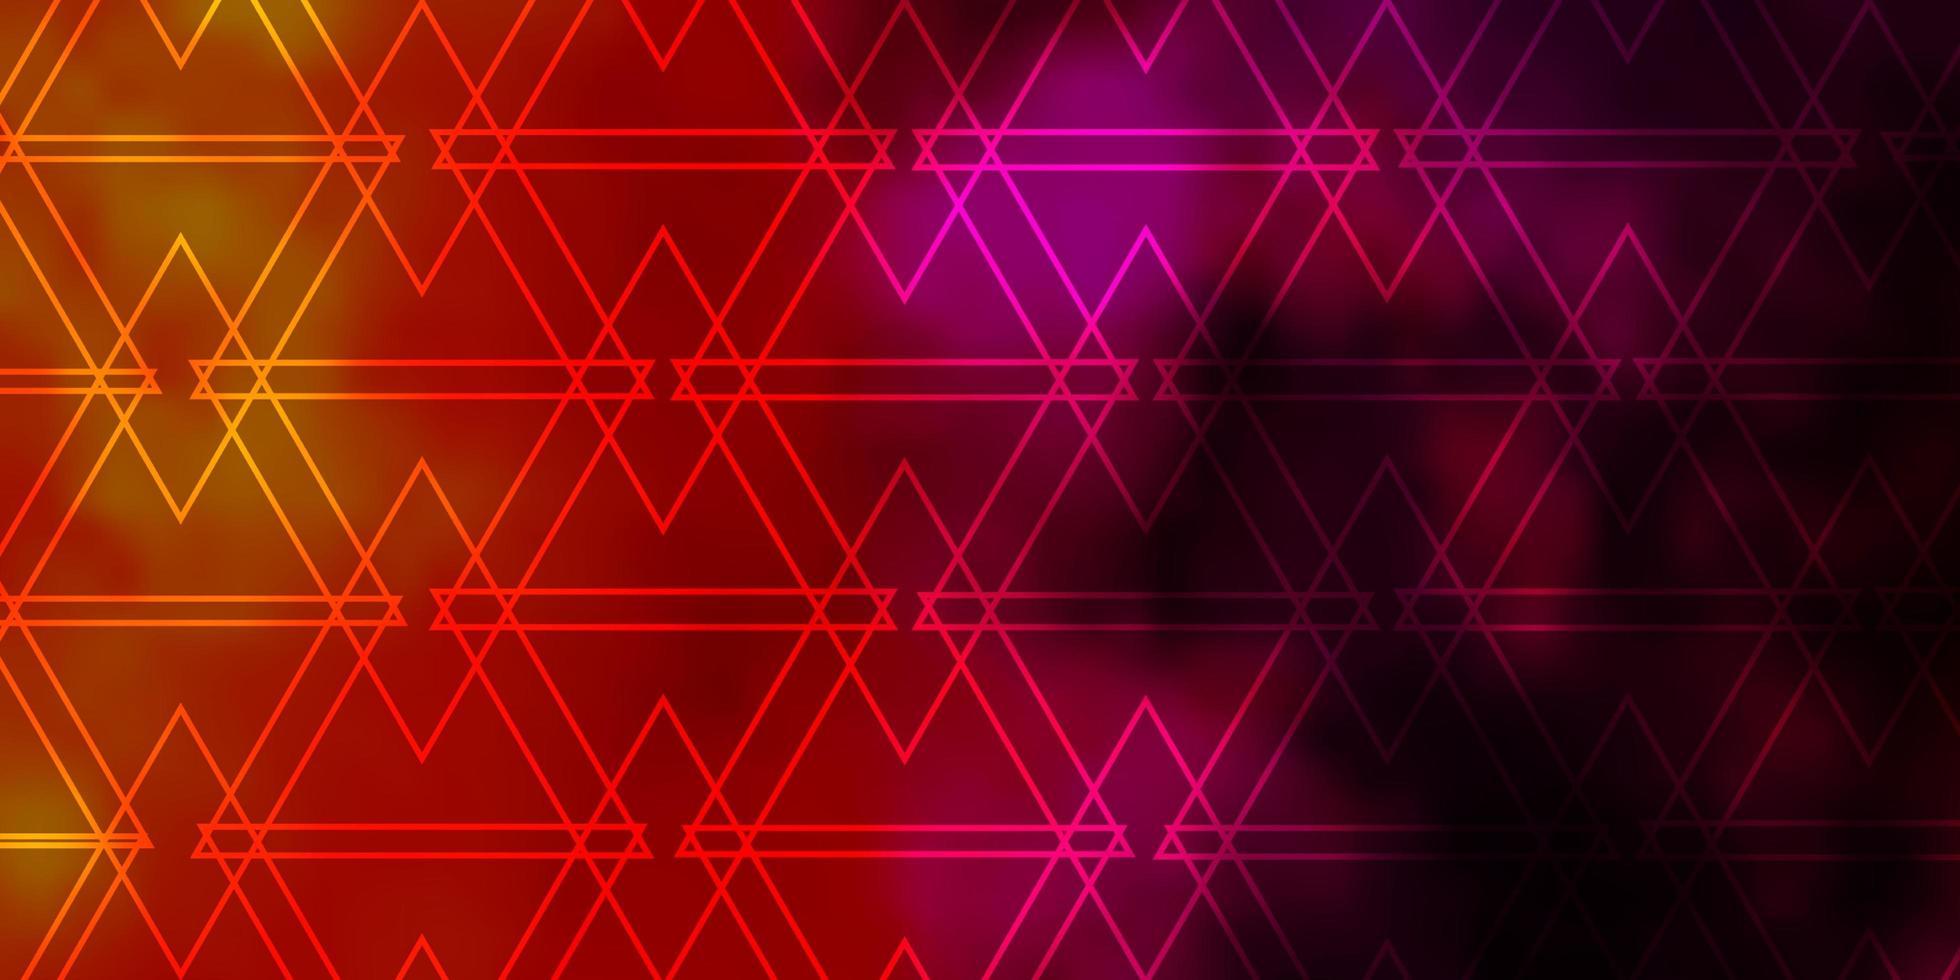 trama vettoriale rosa chiaro, giallo con stile triangolare.